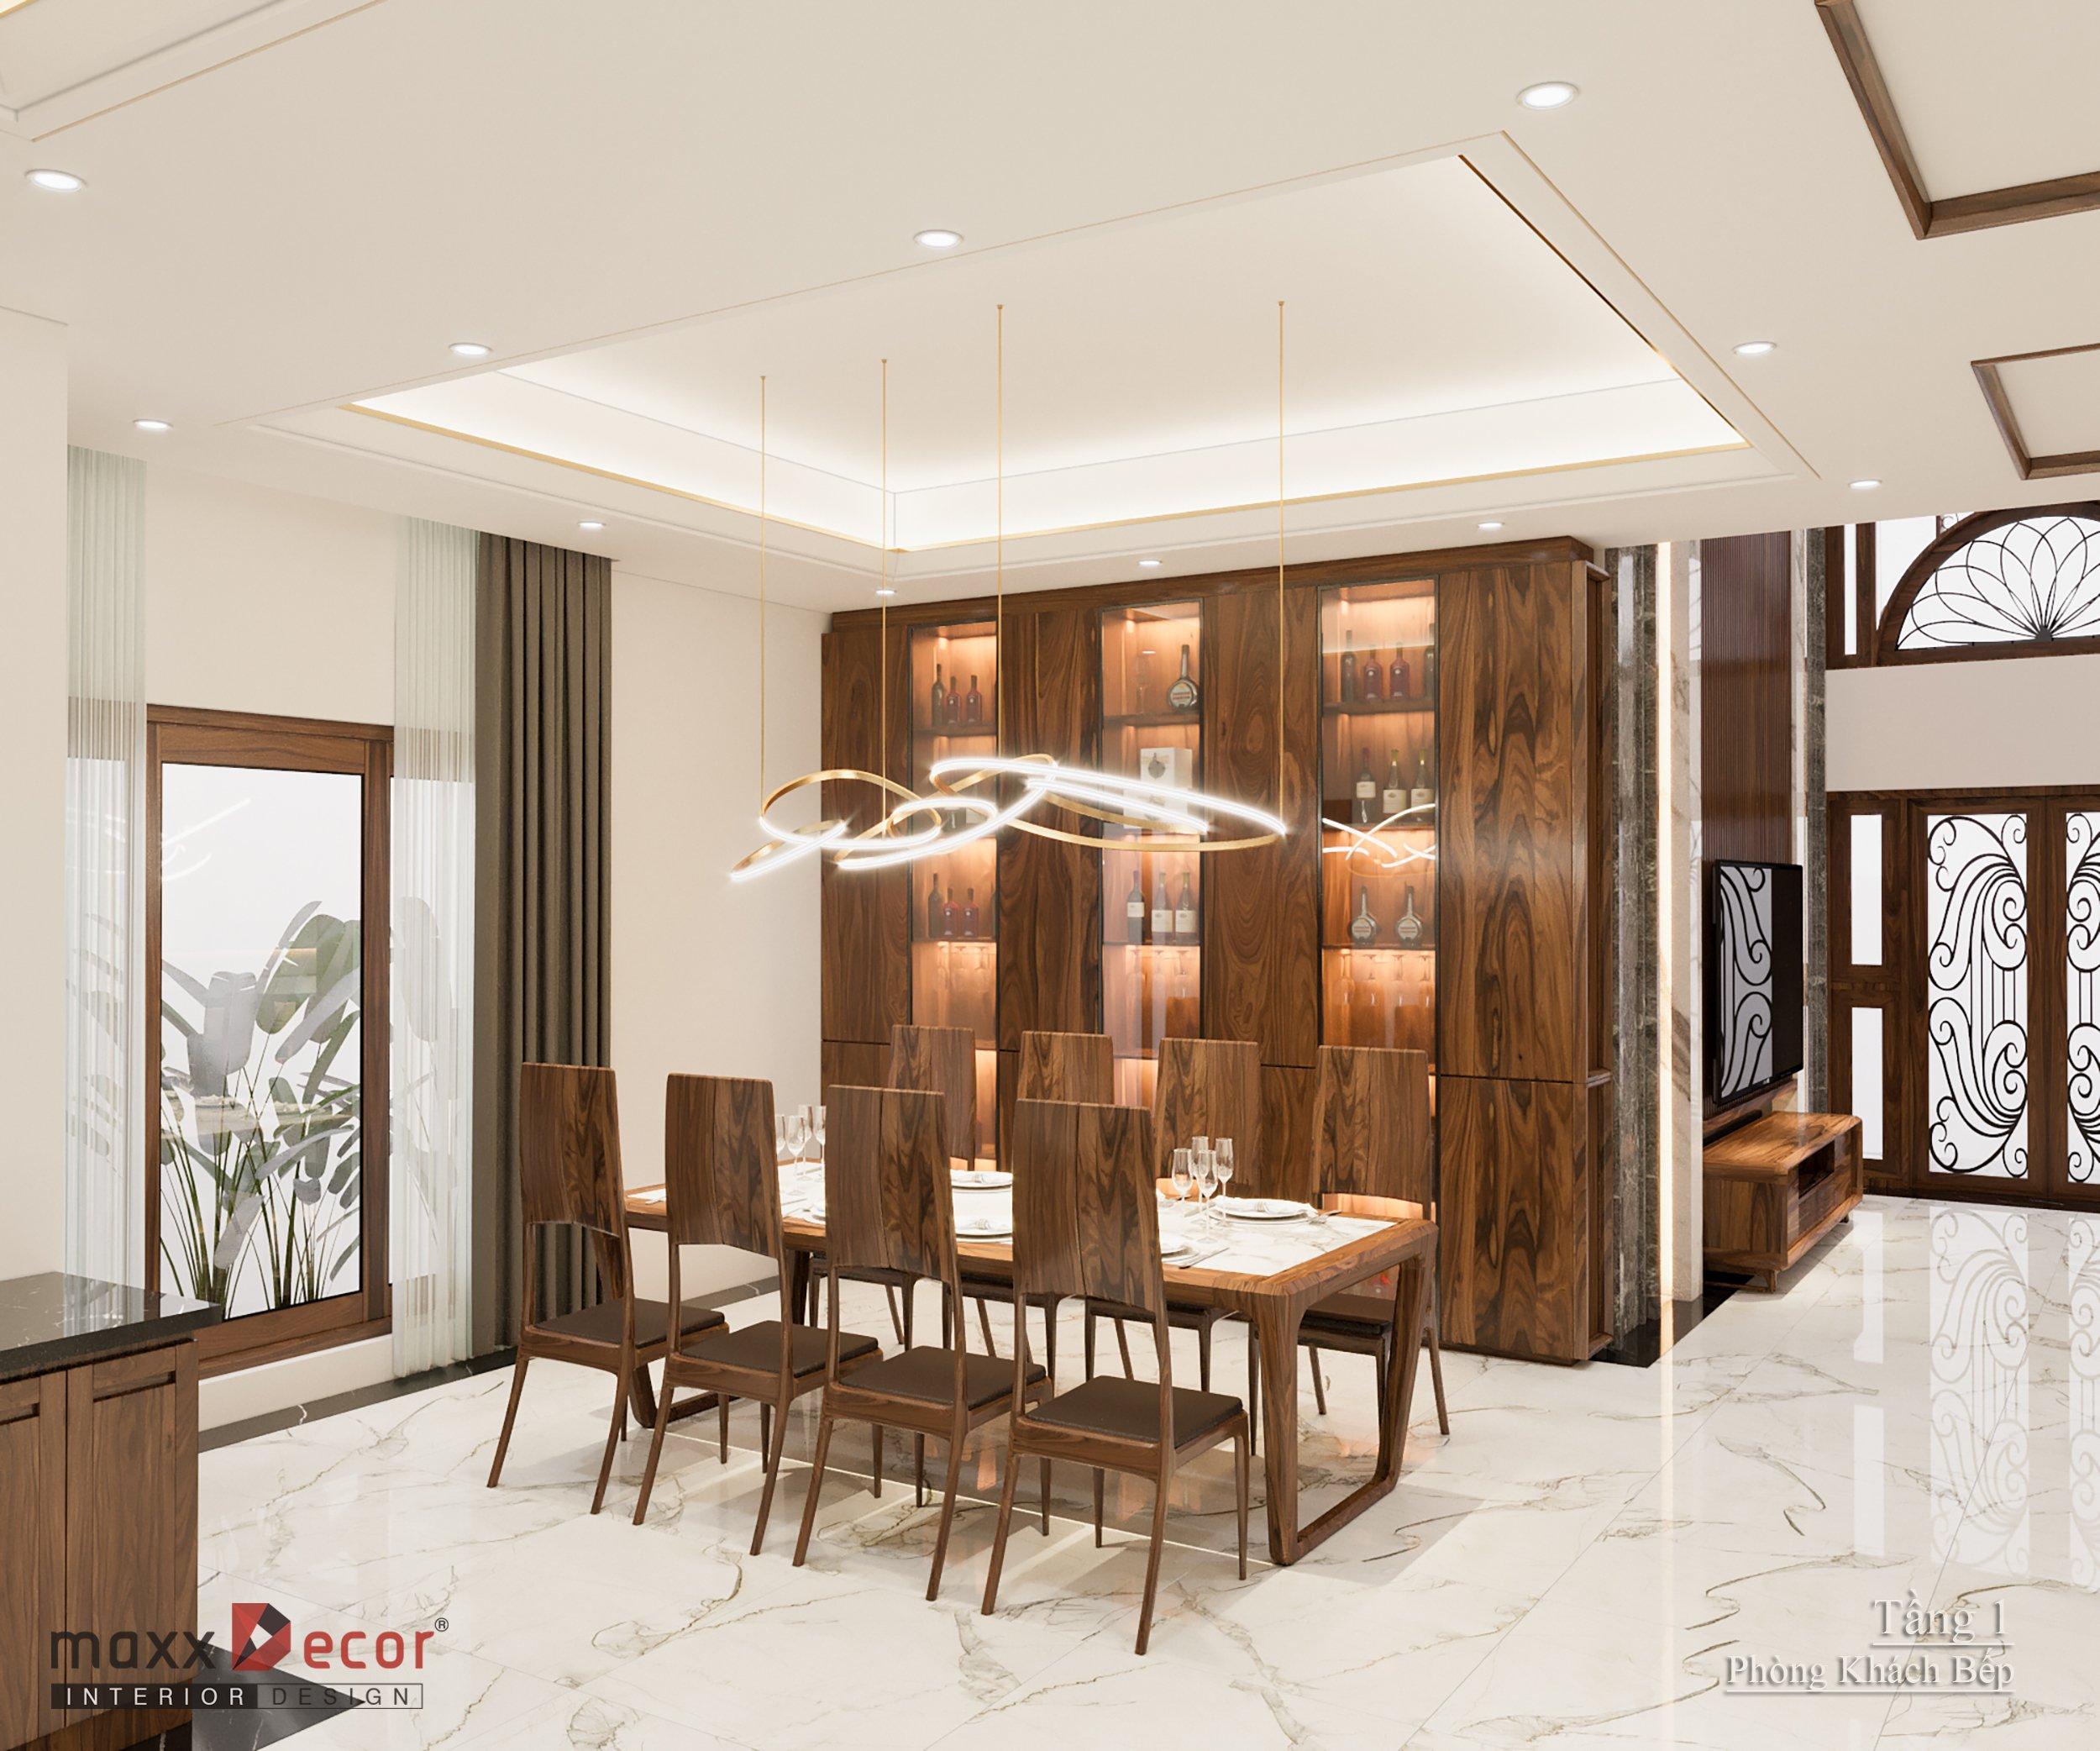 Thiết kế nội thất gỗ óc chó biệt thự Bắc Giang